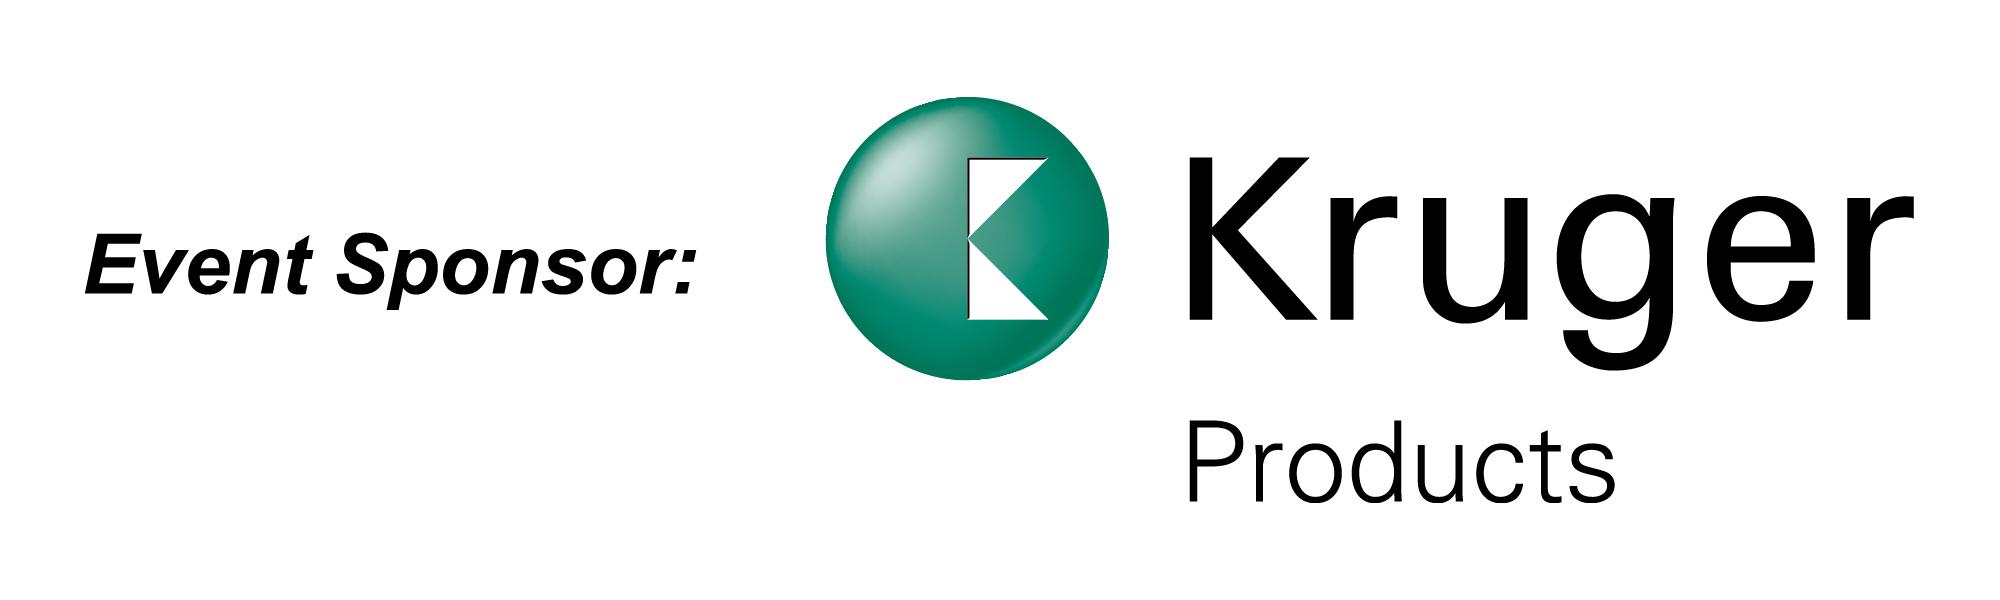 Kruger Event Sponsor